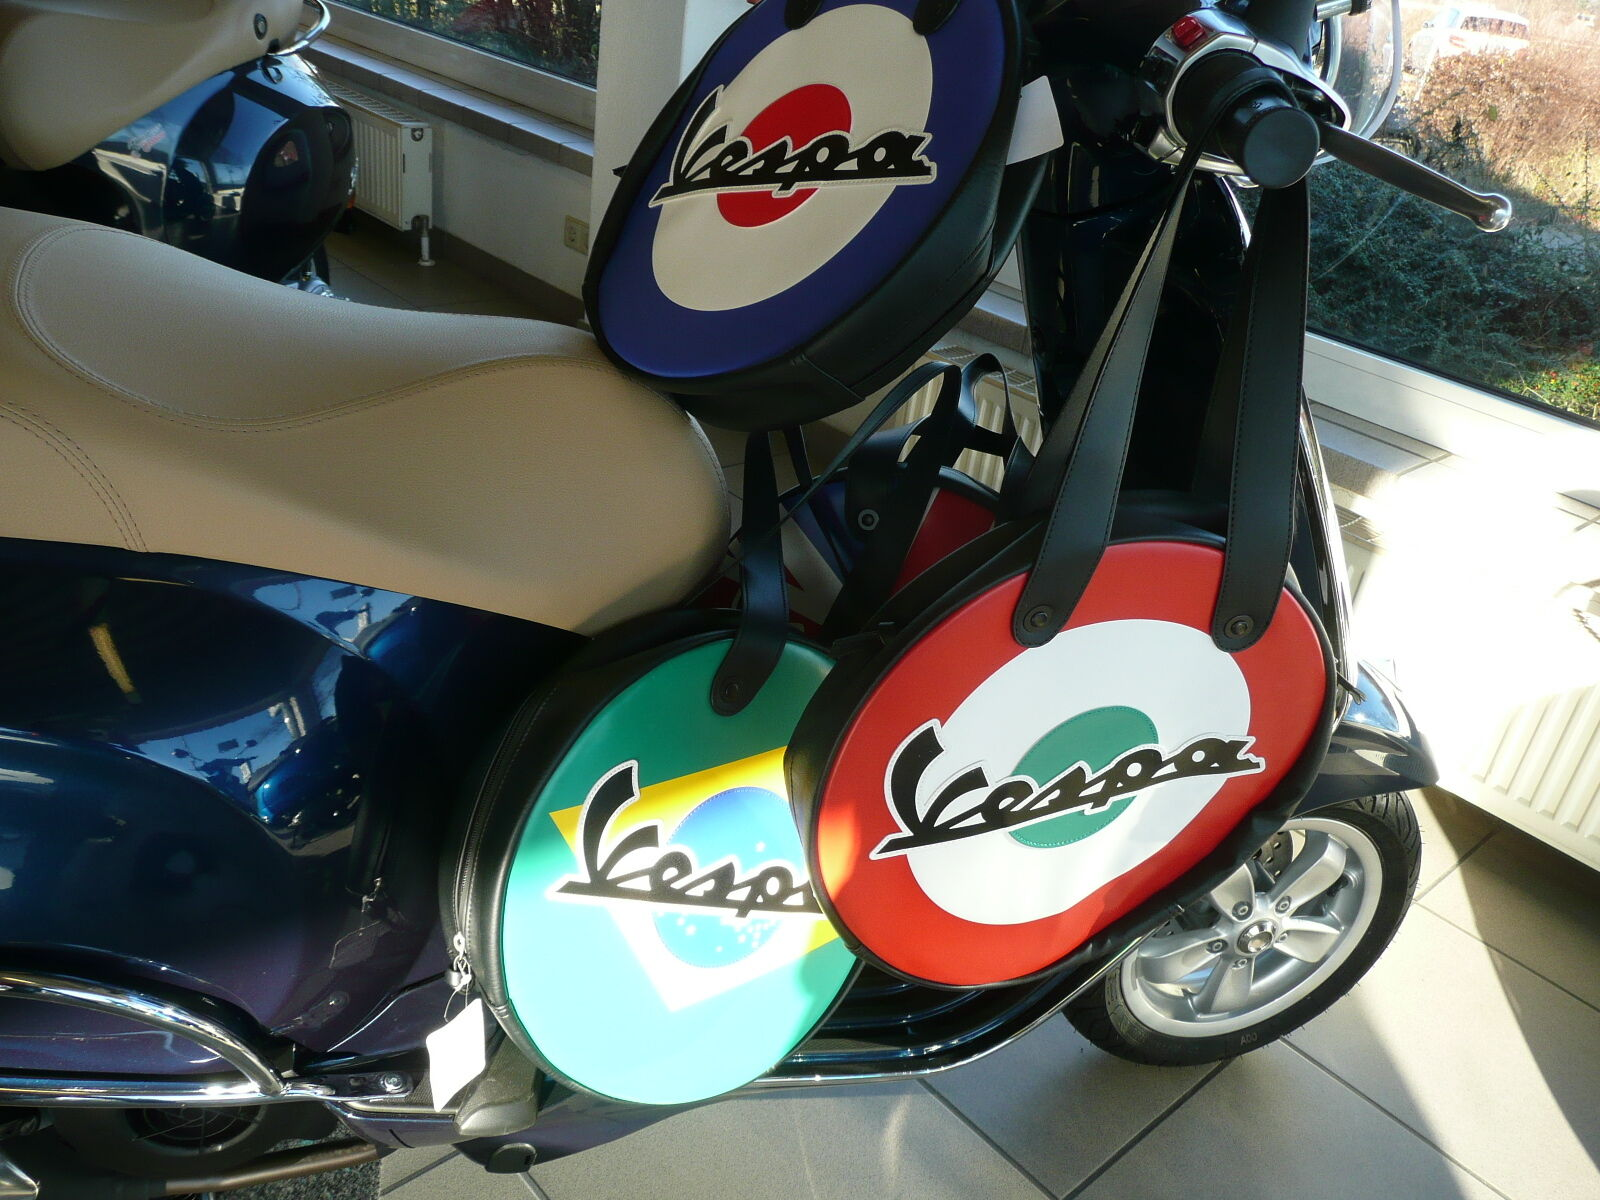 Original VESPA VESPA VESPA Tunneltaschen in Länder-Designs  Italien, Frankreich, Brasilien.. 0ca7ef